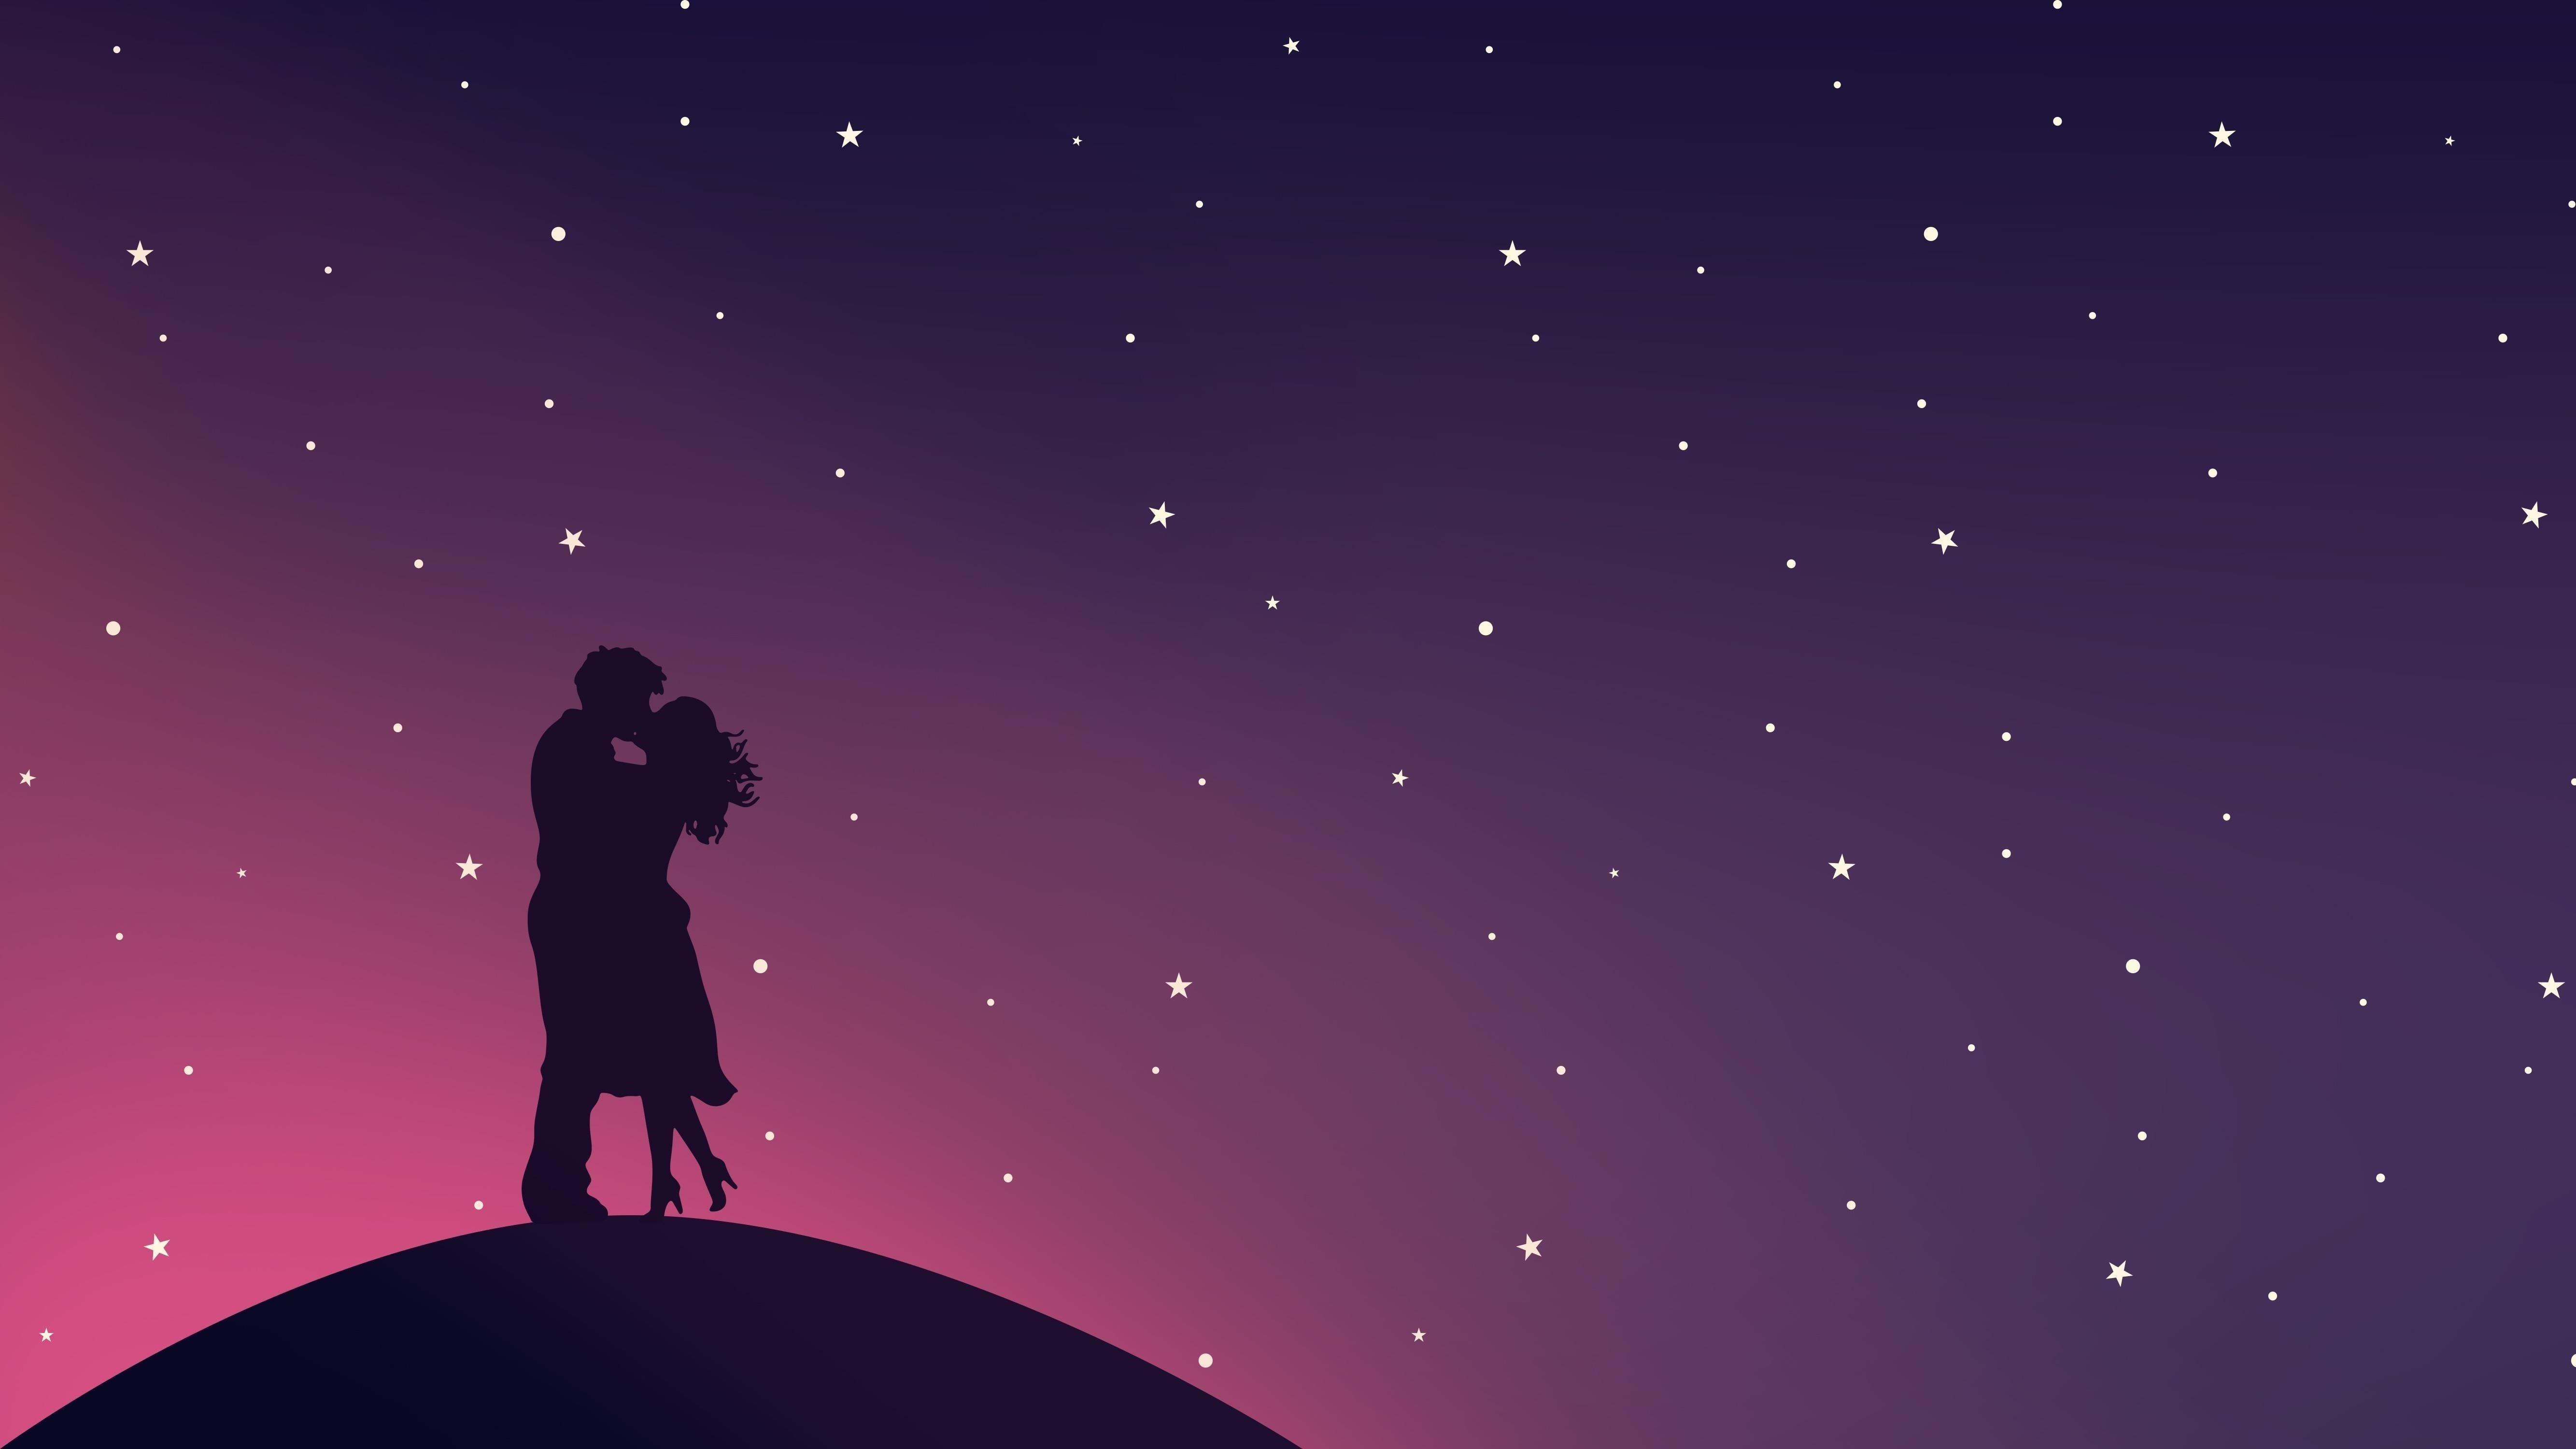 Романтический поцелуй пара любовь обои скачать